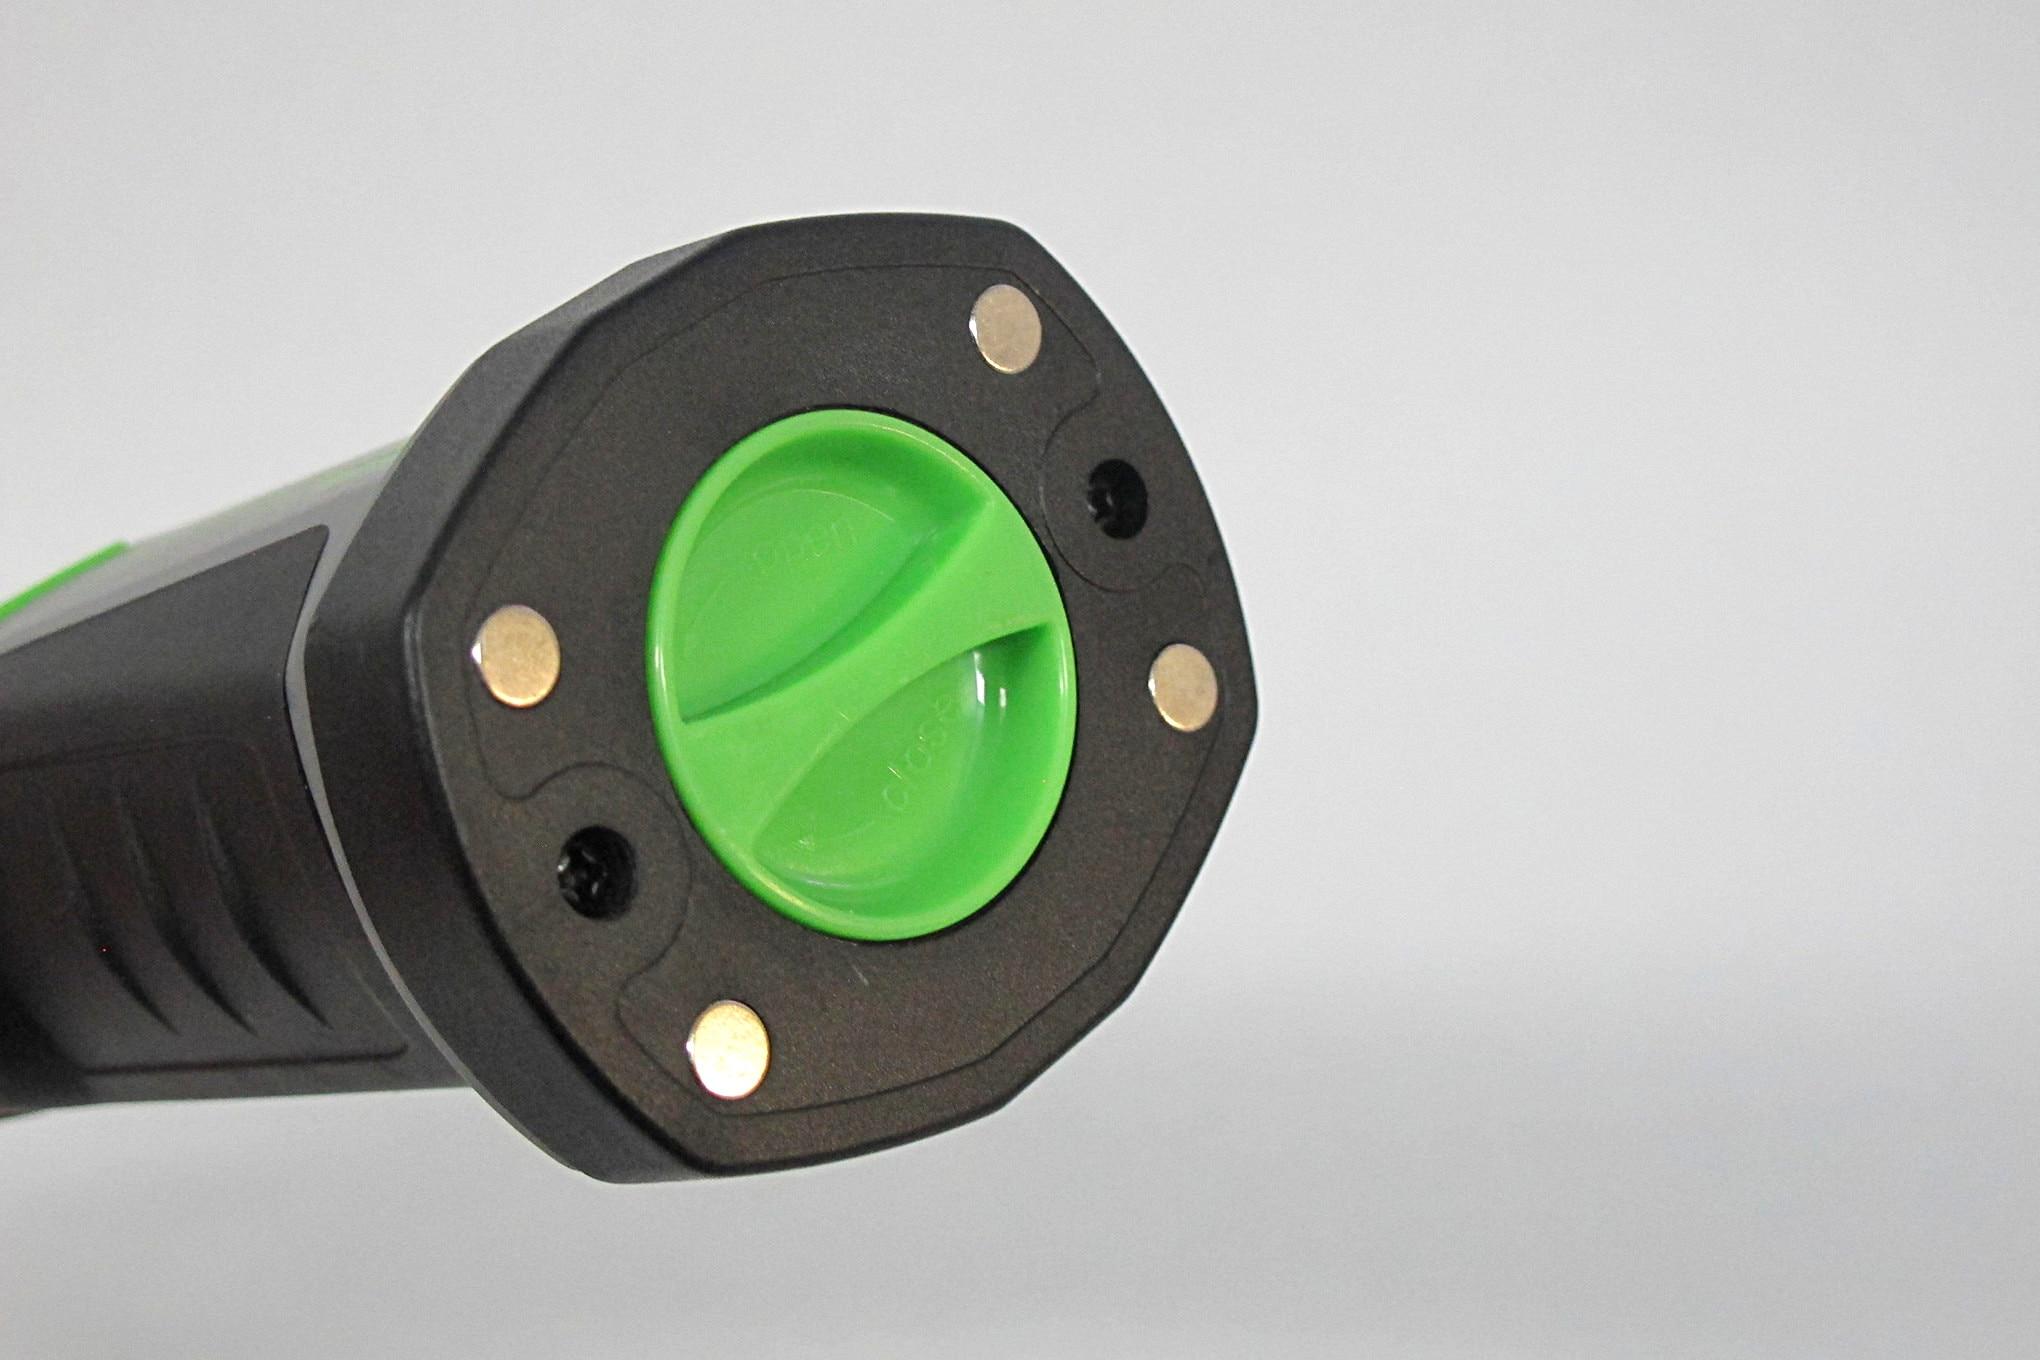 11 Mychanic LED FLEX Light Magnetic Base